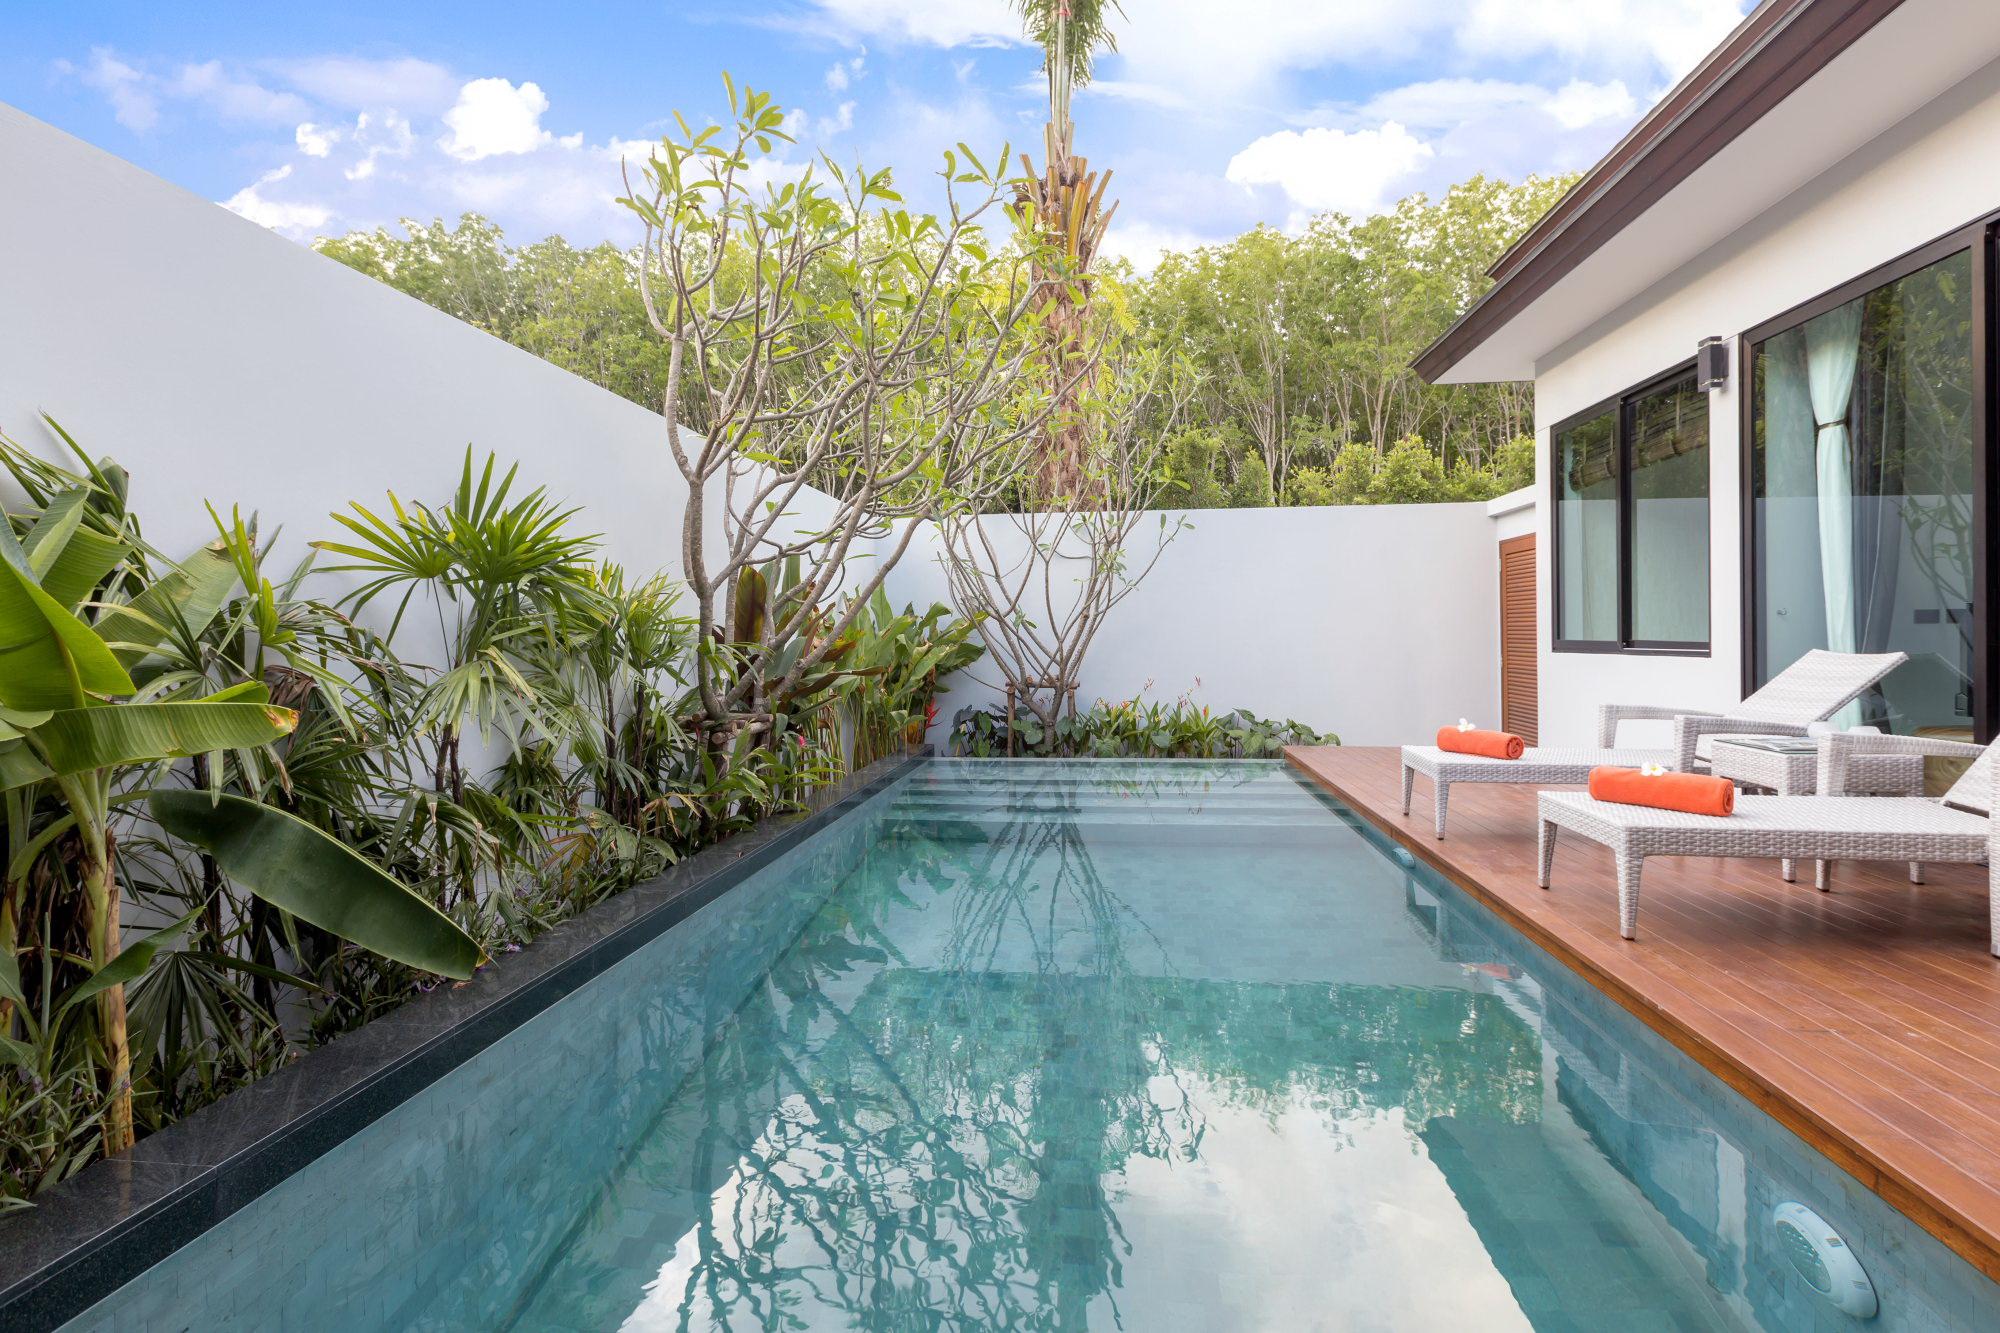 La ville nature swimming pool phuket property phuket for La ville nature